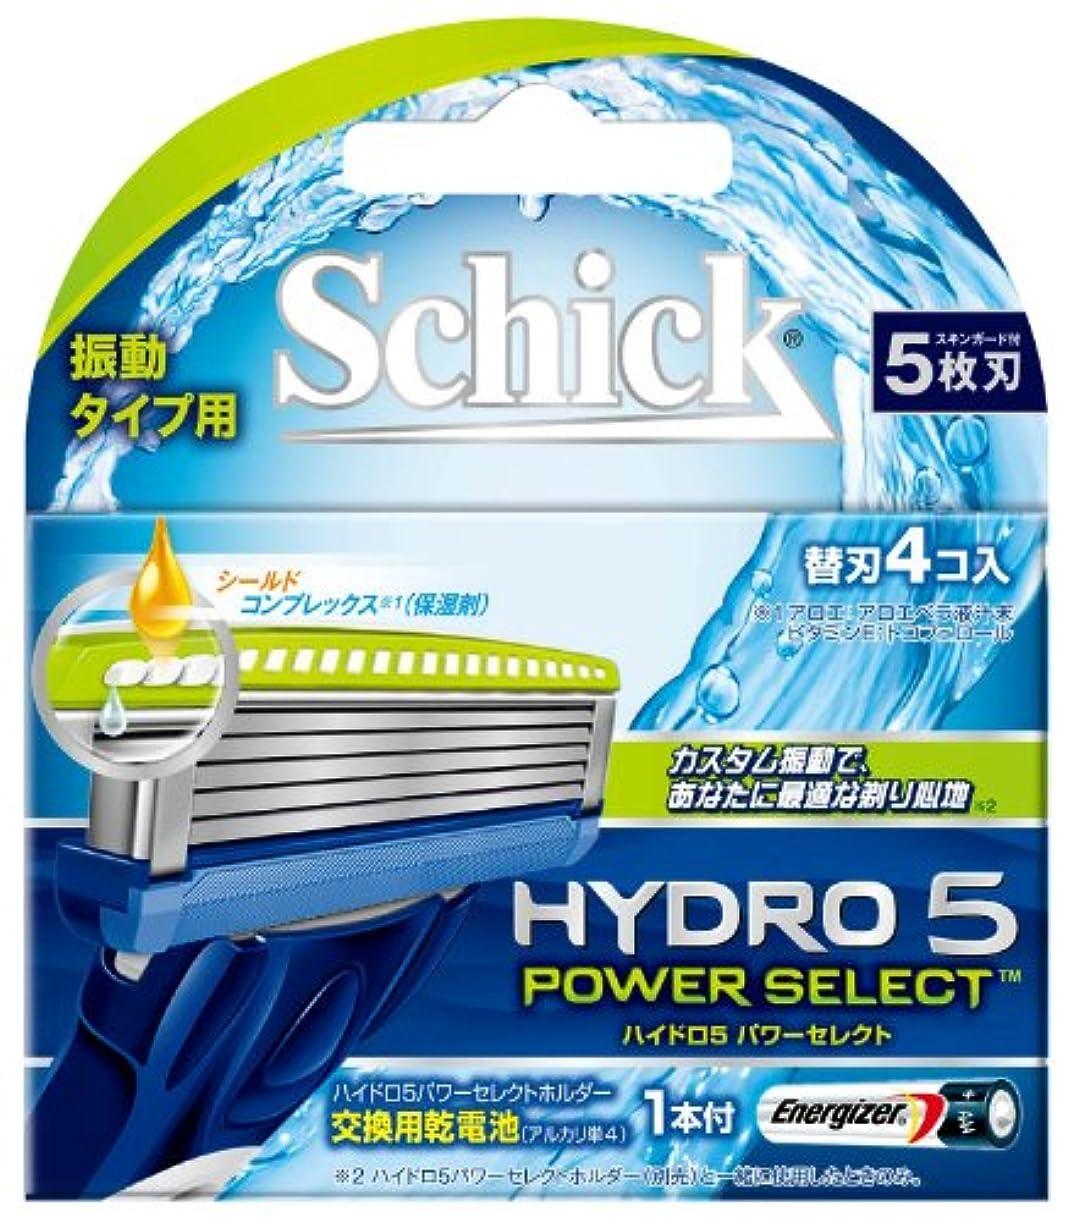 ナンセンス凍った手配するシック ハイドロ5 パワーセレクト 替刃(4コ入)